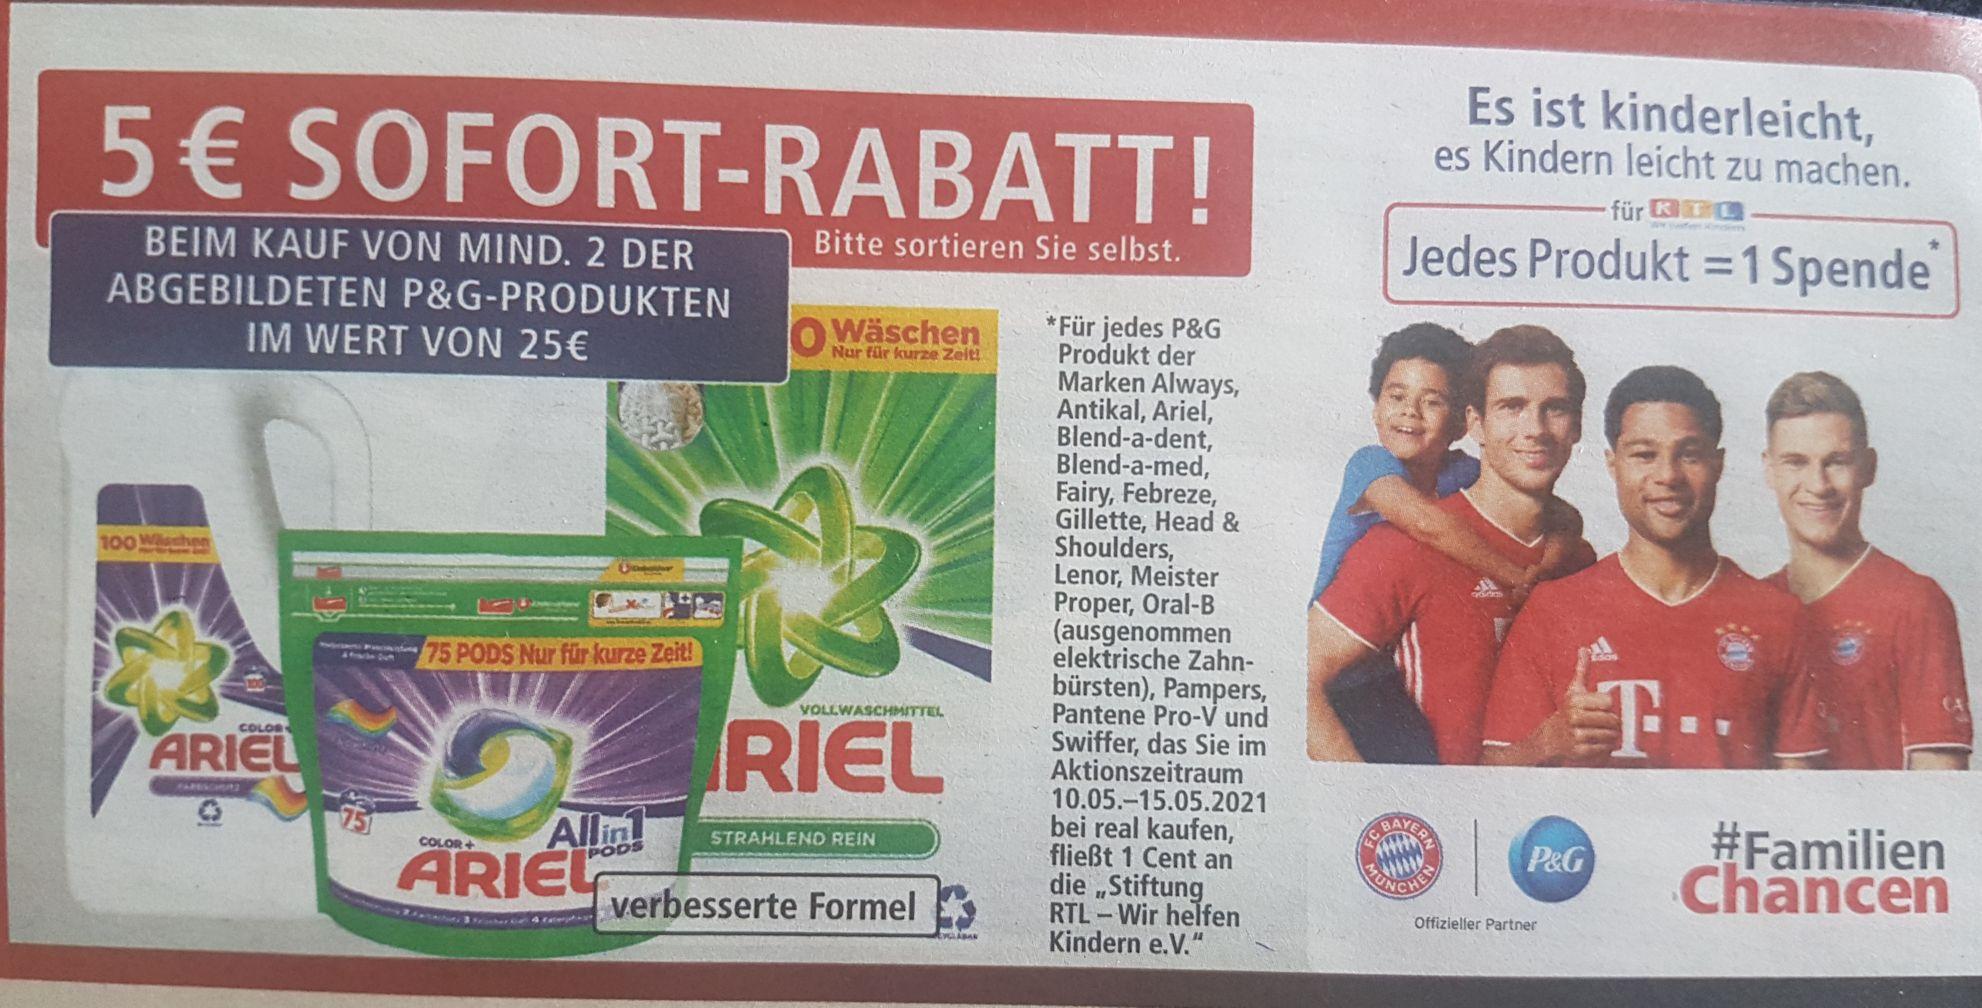 [REAL] 5€ Sofort-Rabatt auf Ariel-Produkte